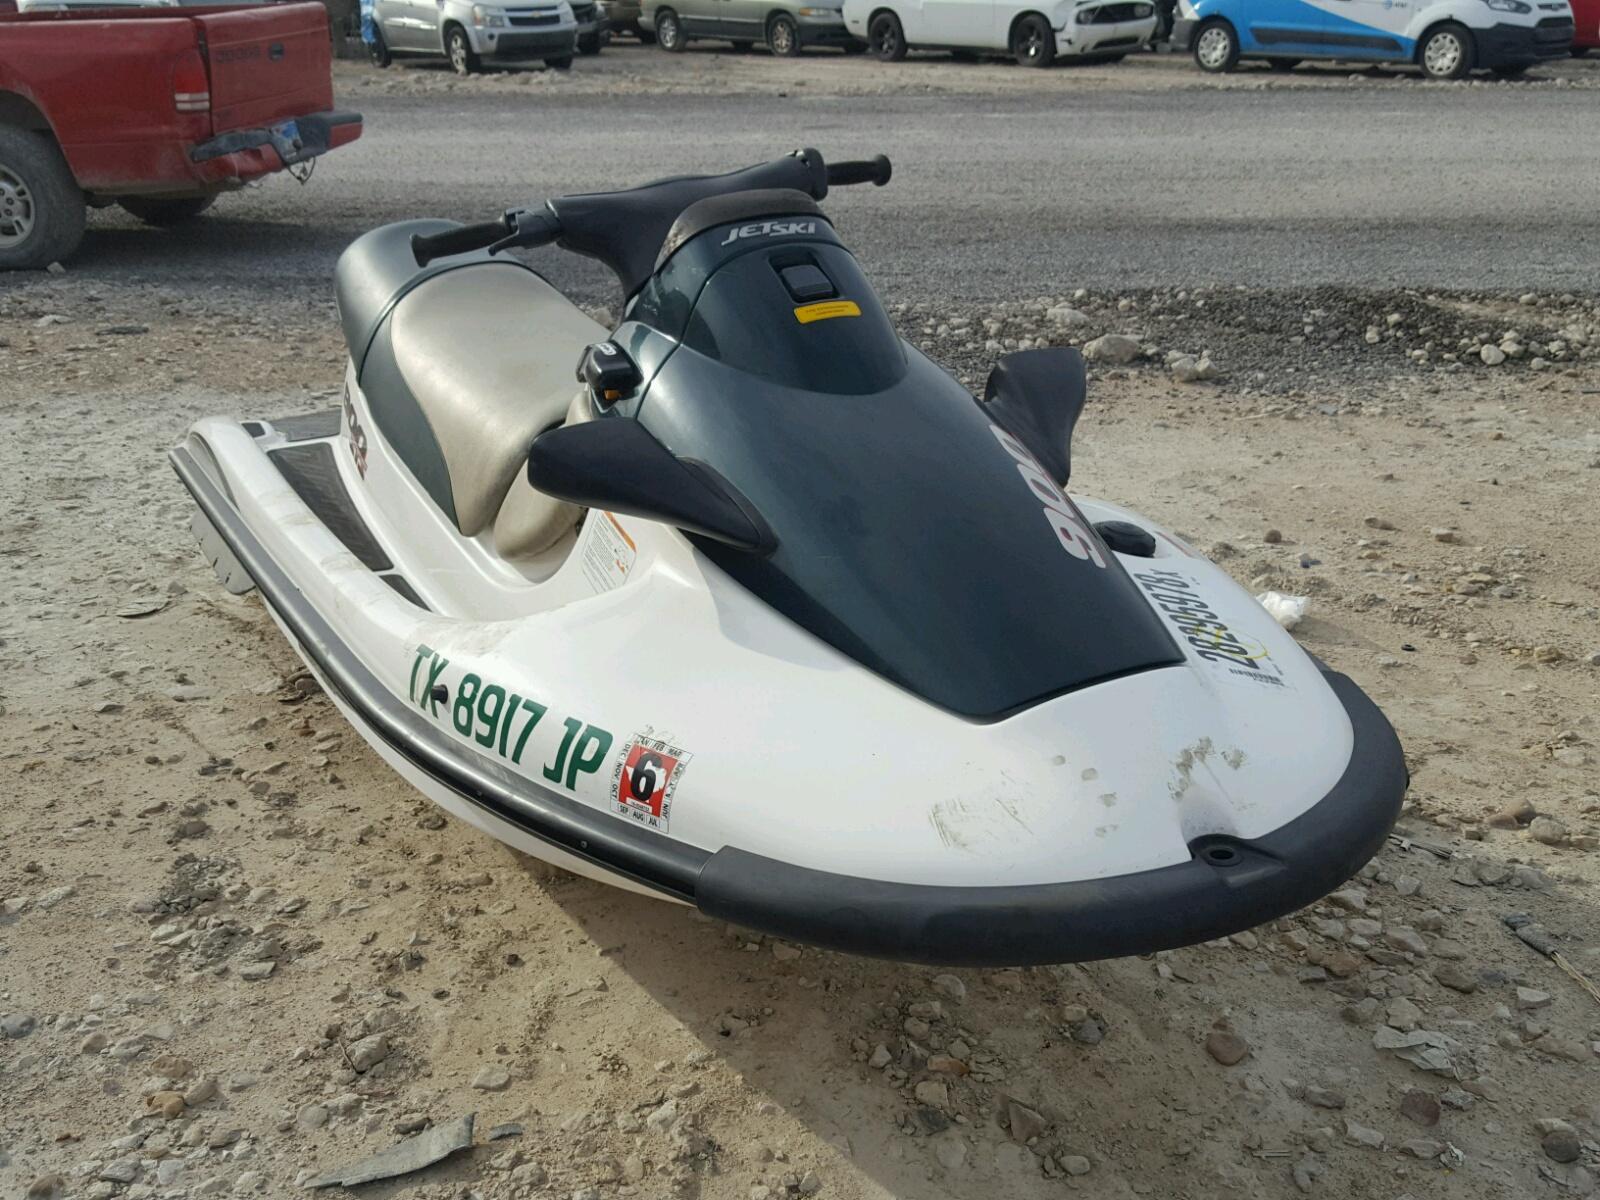 Salvage 2000 Kawasaki JETSKI for sale